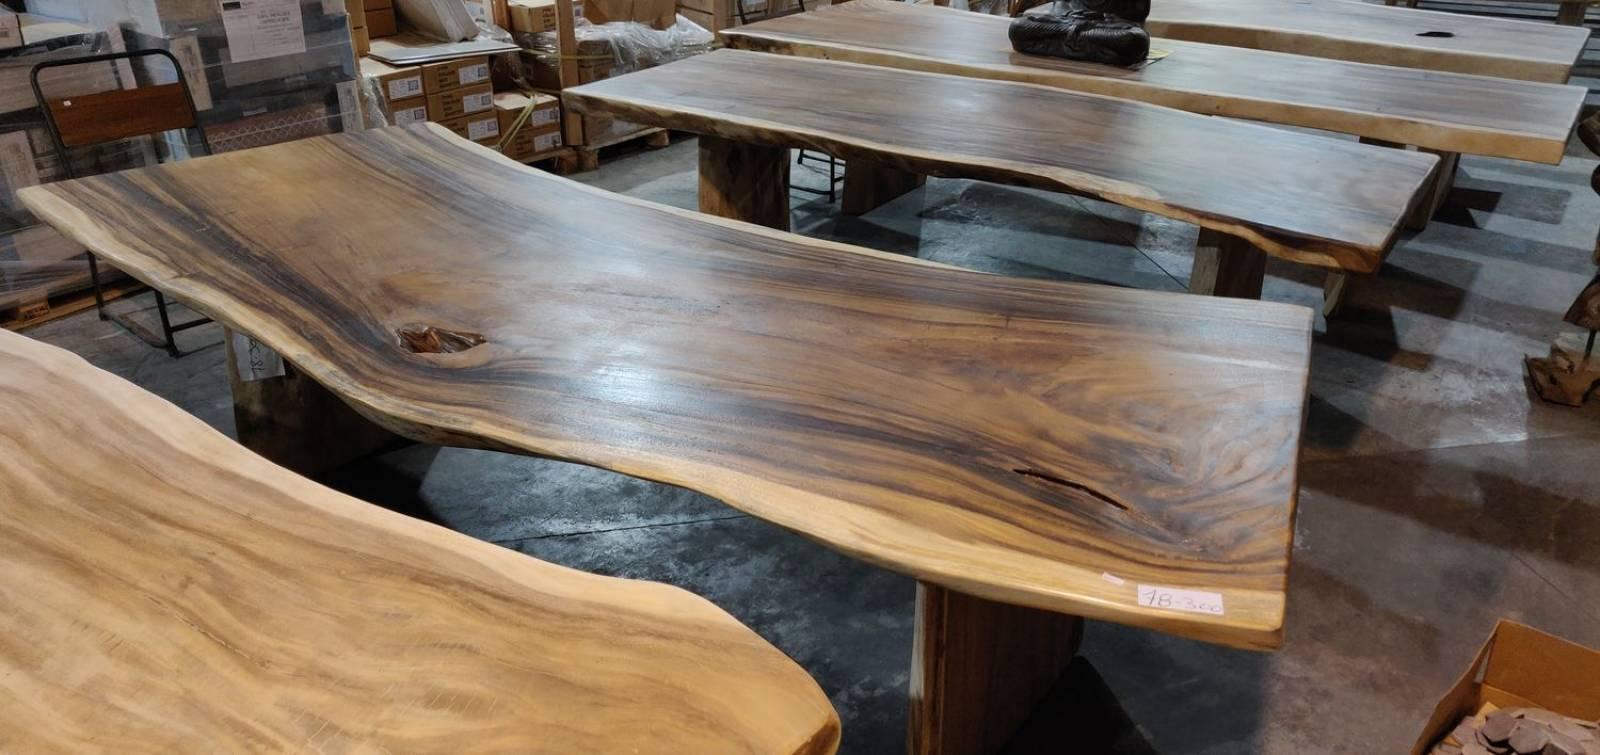 Table Basse Avec Souche D Arbre table tronc d'arbre en bois exotique massive exotique pièce